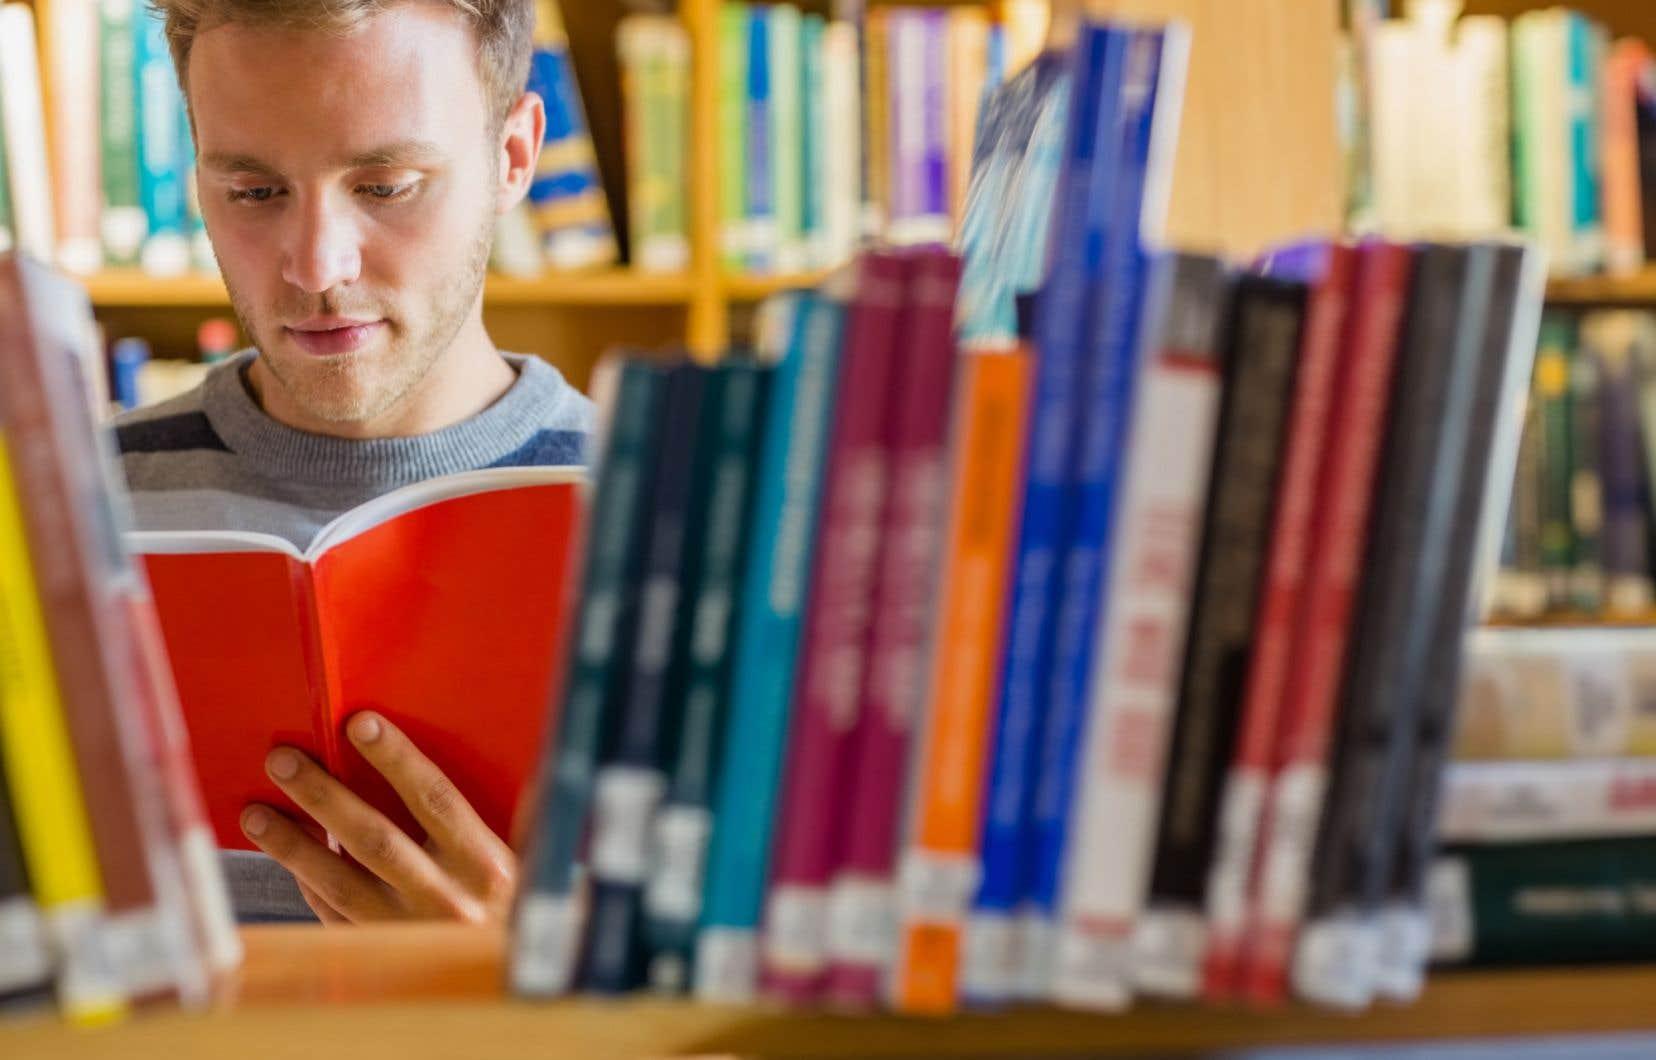 Selon les scientifiques, la texture, l'odeur, l'épaisseur, la couverture et la quatrième de couverture d'un livre permettent aux lecteurs d'établir une meilleure « carte mentale du texte »,ce qui facilite leur compréhension.